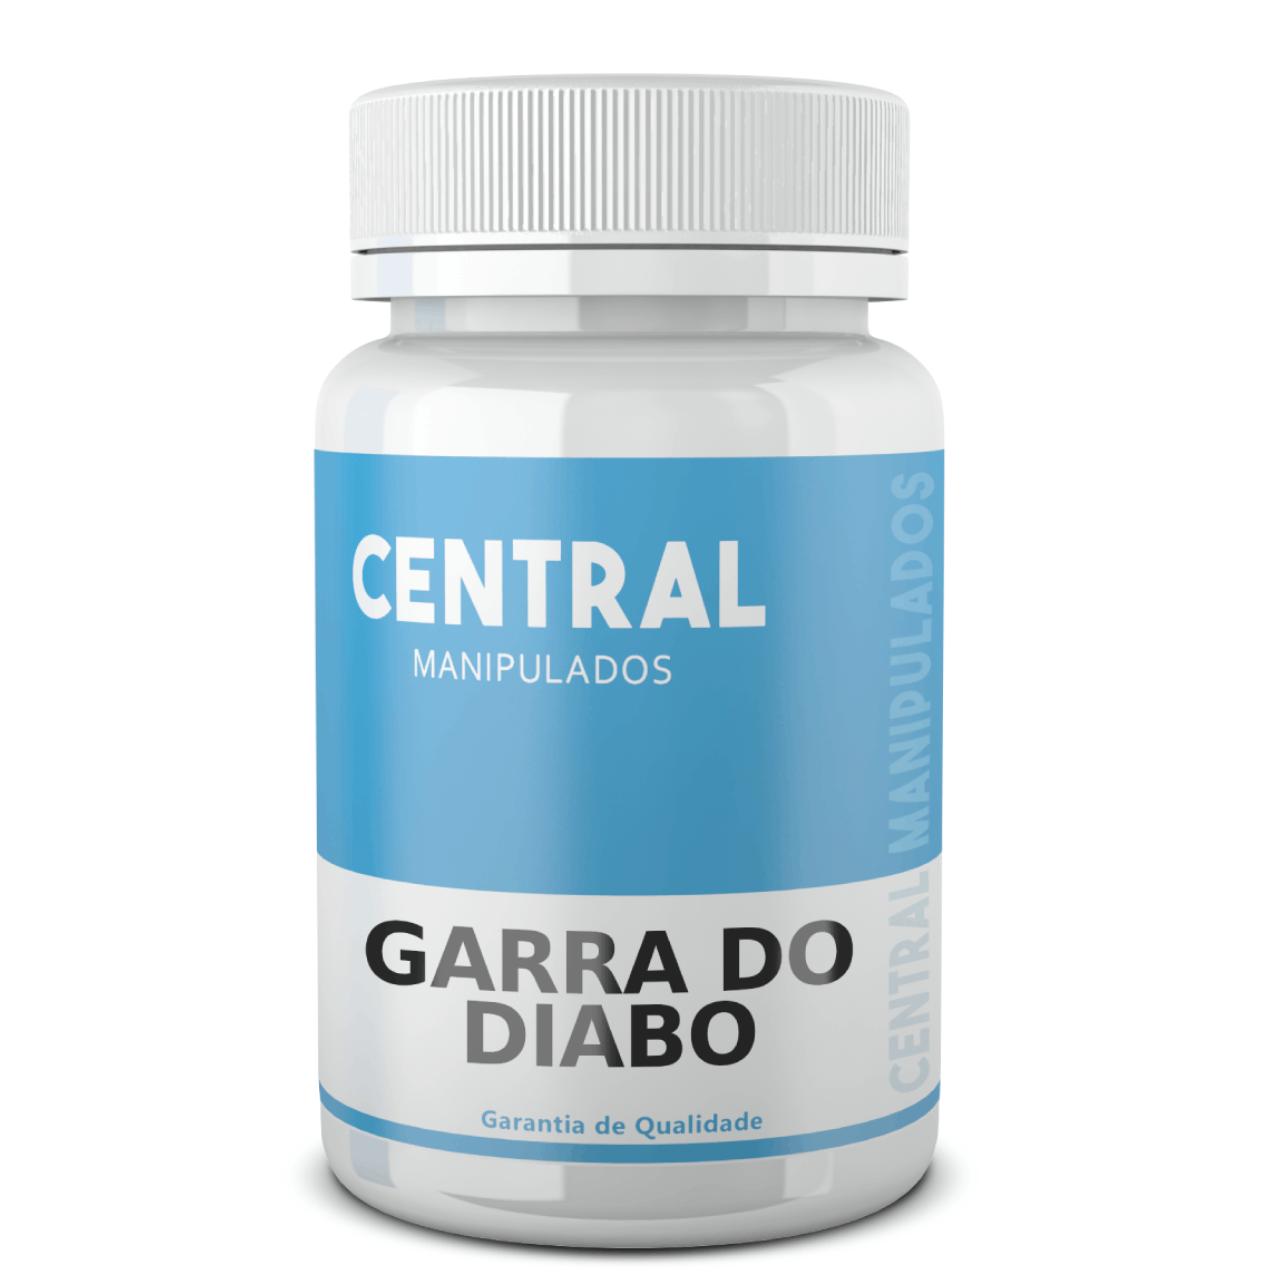 Garra do Diabo 400mg - 60 cápsulas - Anti-inflamatório, Anti-reumático e Analgésico, Contra Dores Articulares